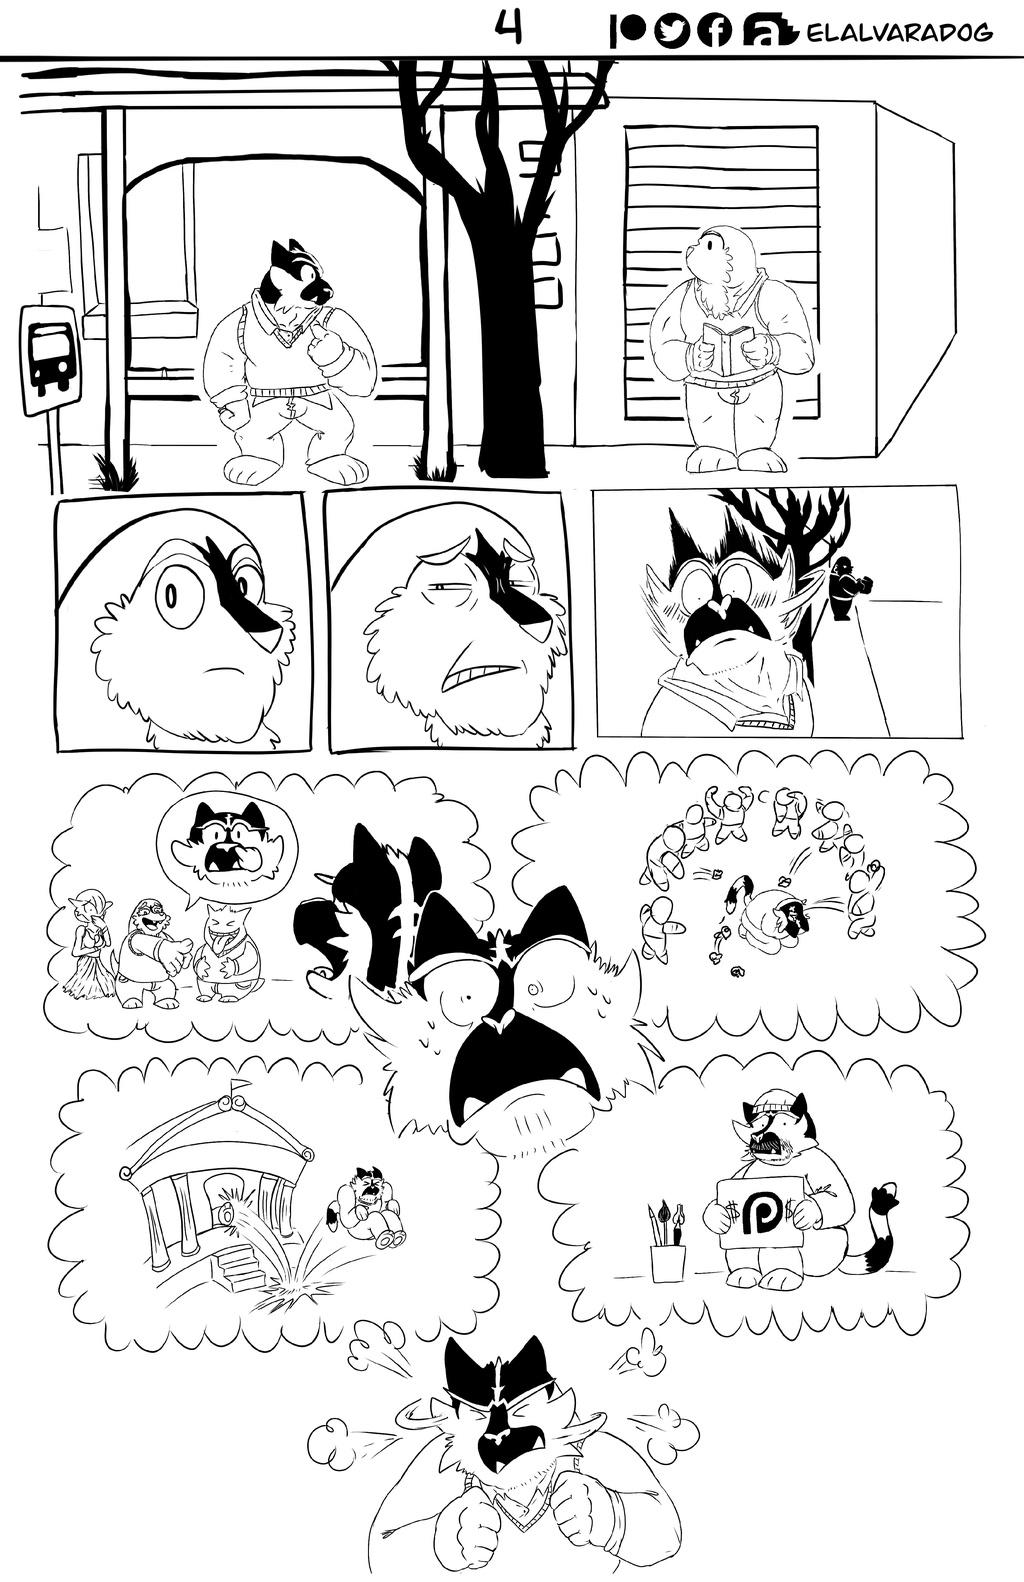 I&CBF 04/24 - Comic